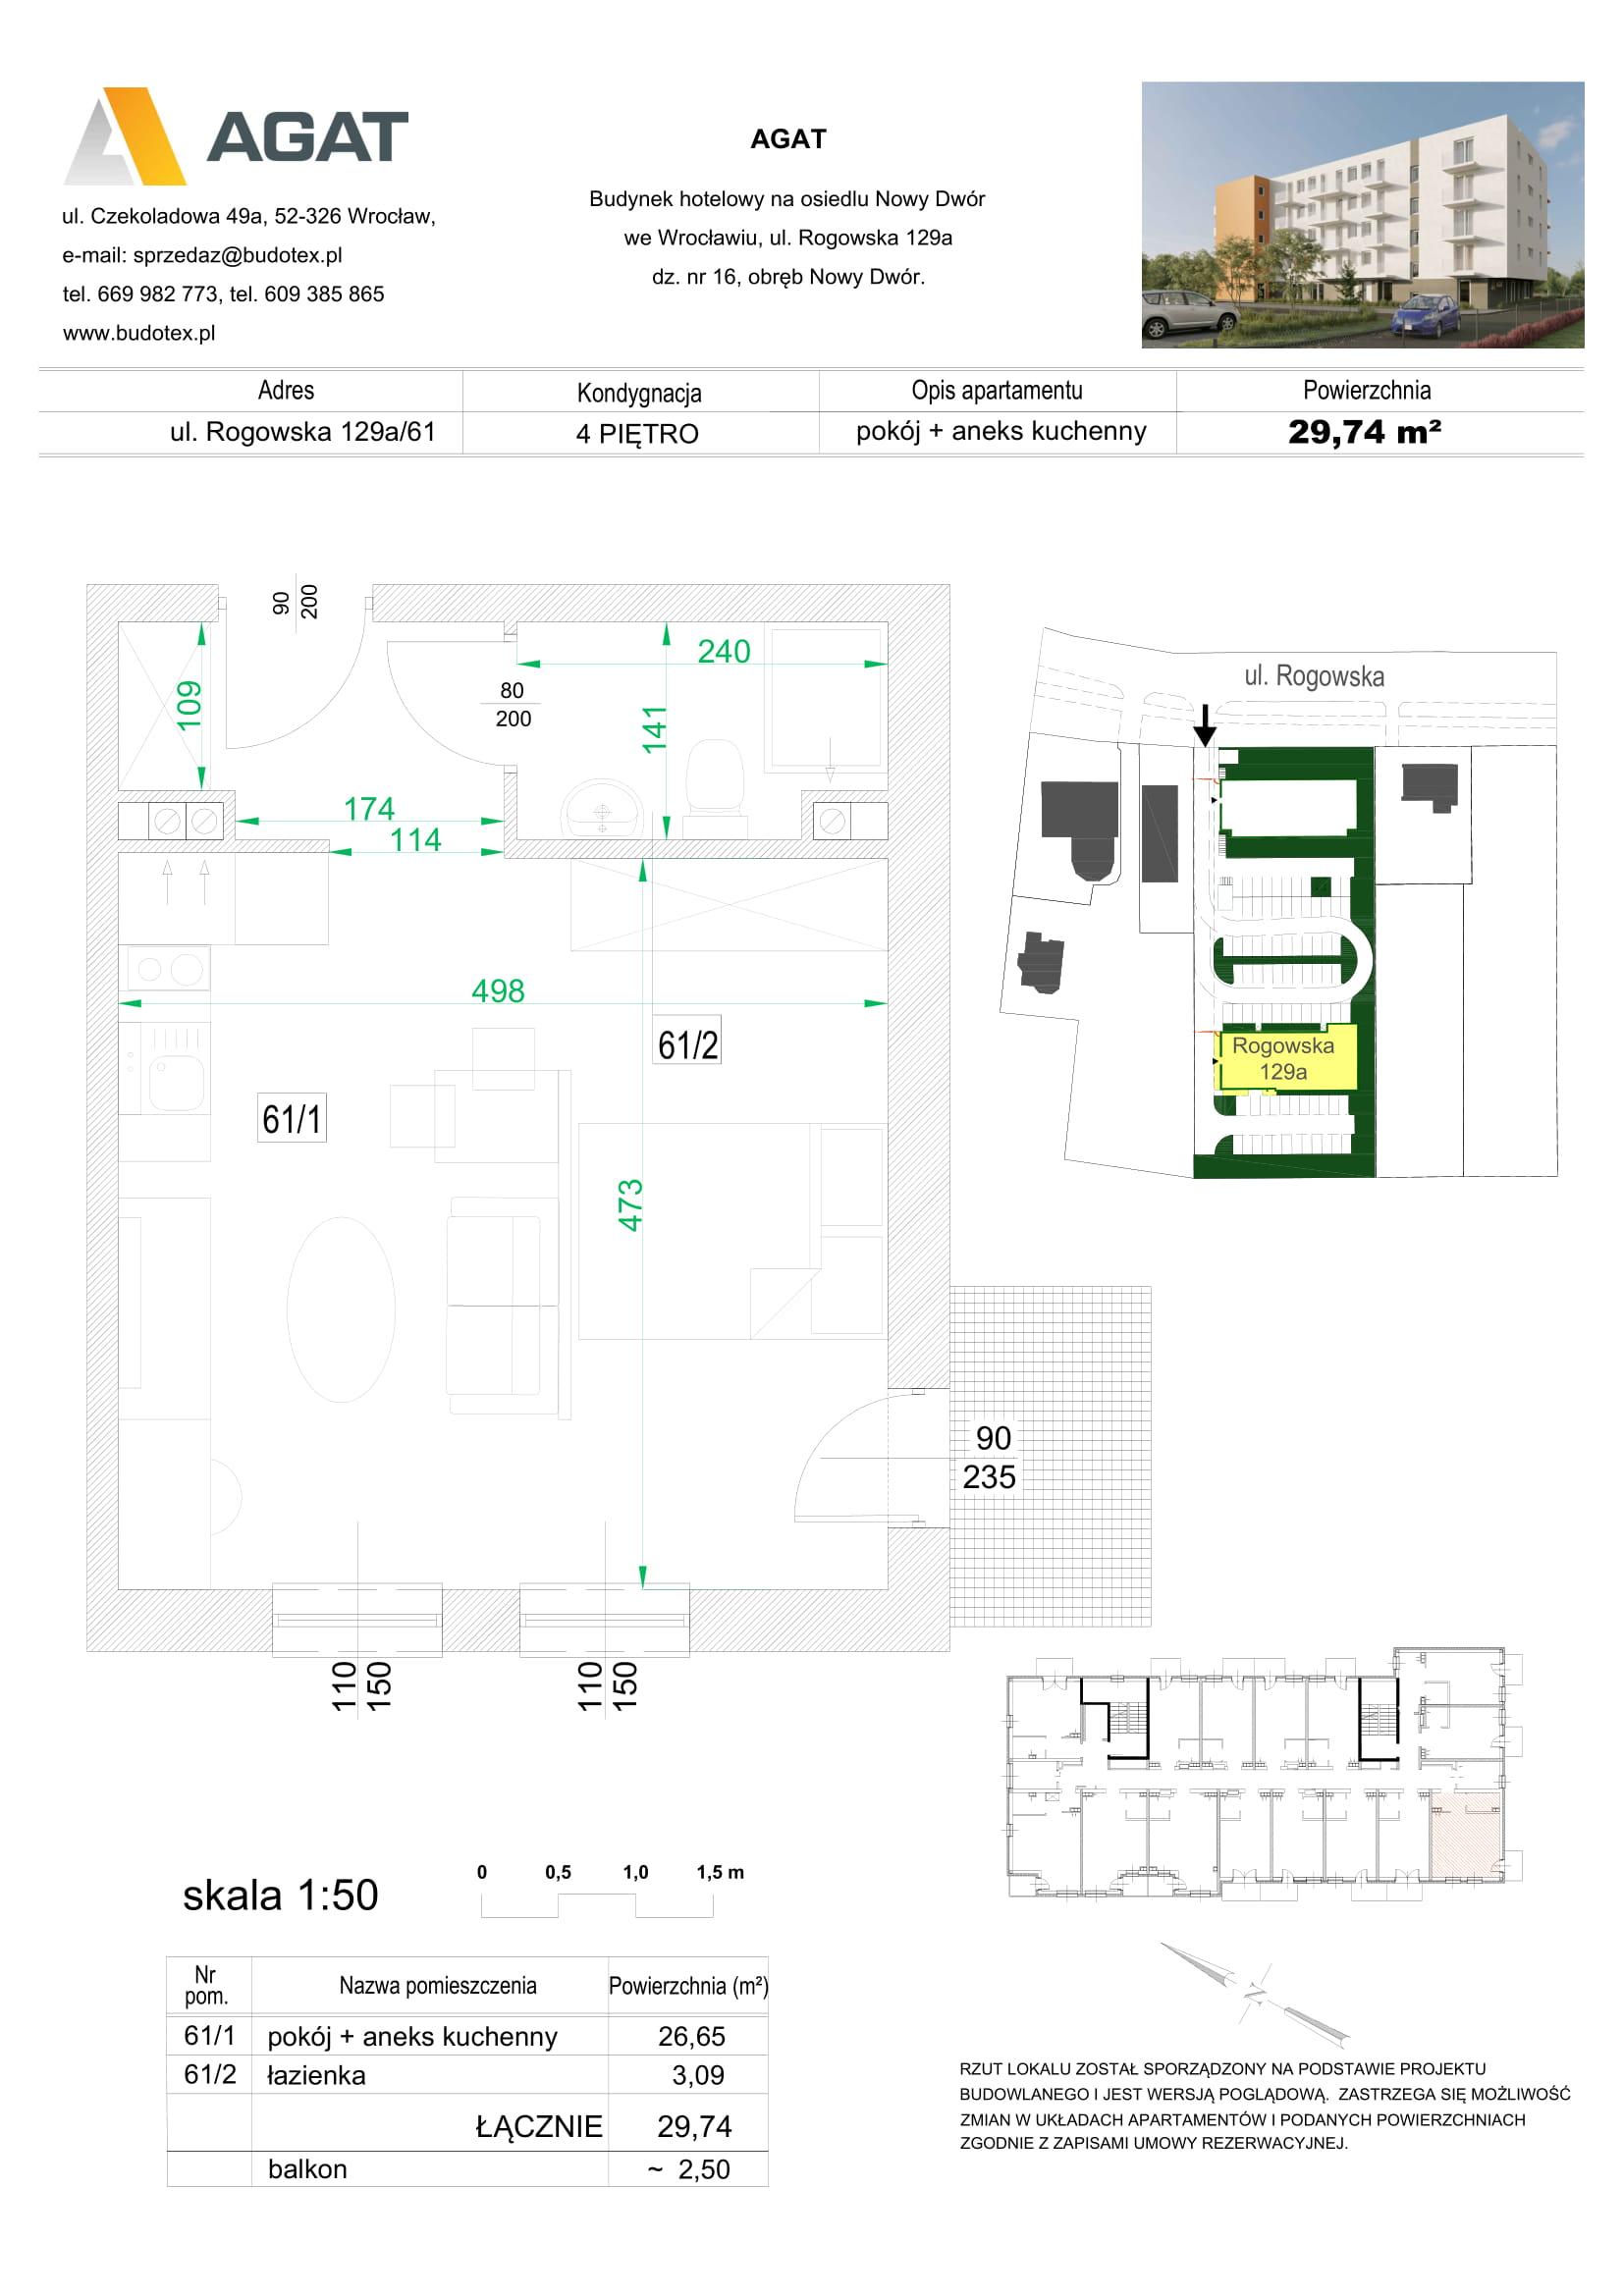 Mieszkanie nr 61